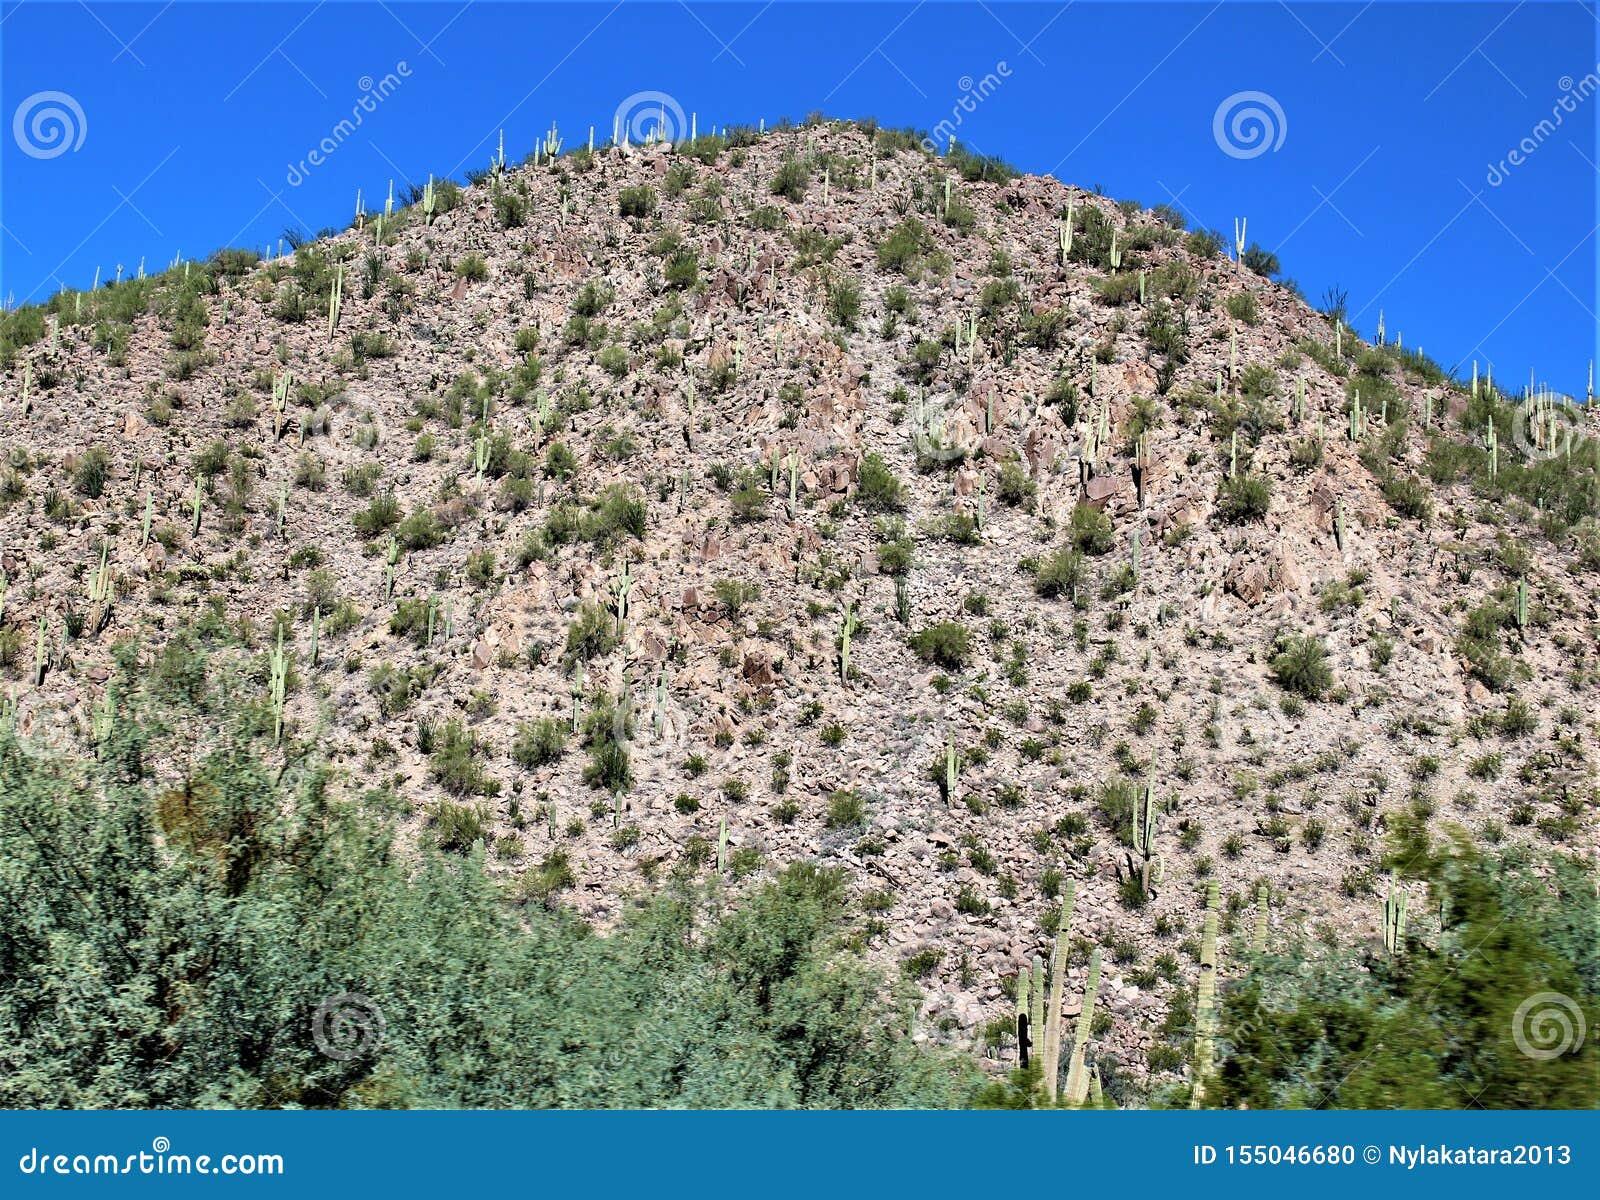 Opinión escénica del paisaje de Mesa, Arizona a las colinas de la fuente, el condado de Maricopa, Arizona, Estados Unidos